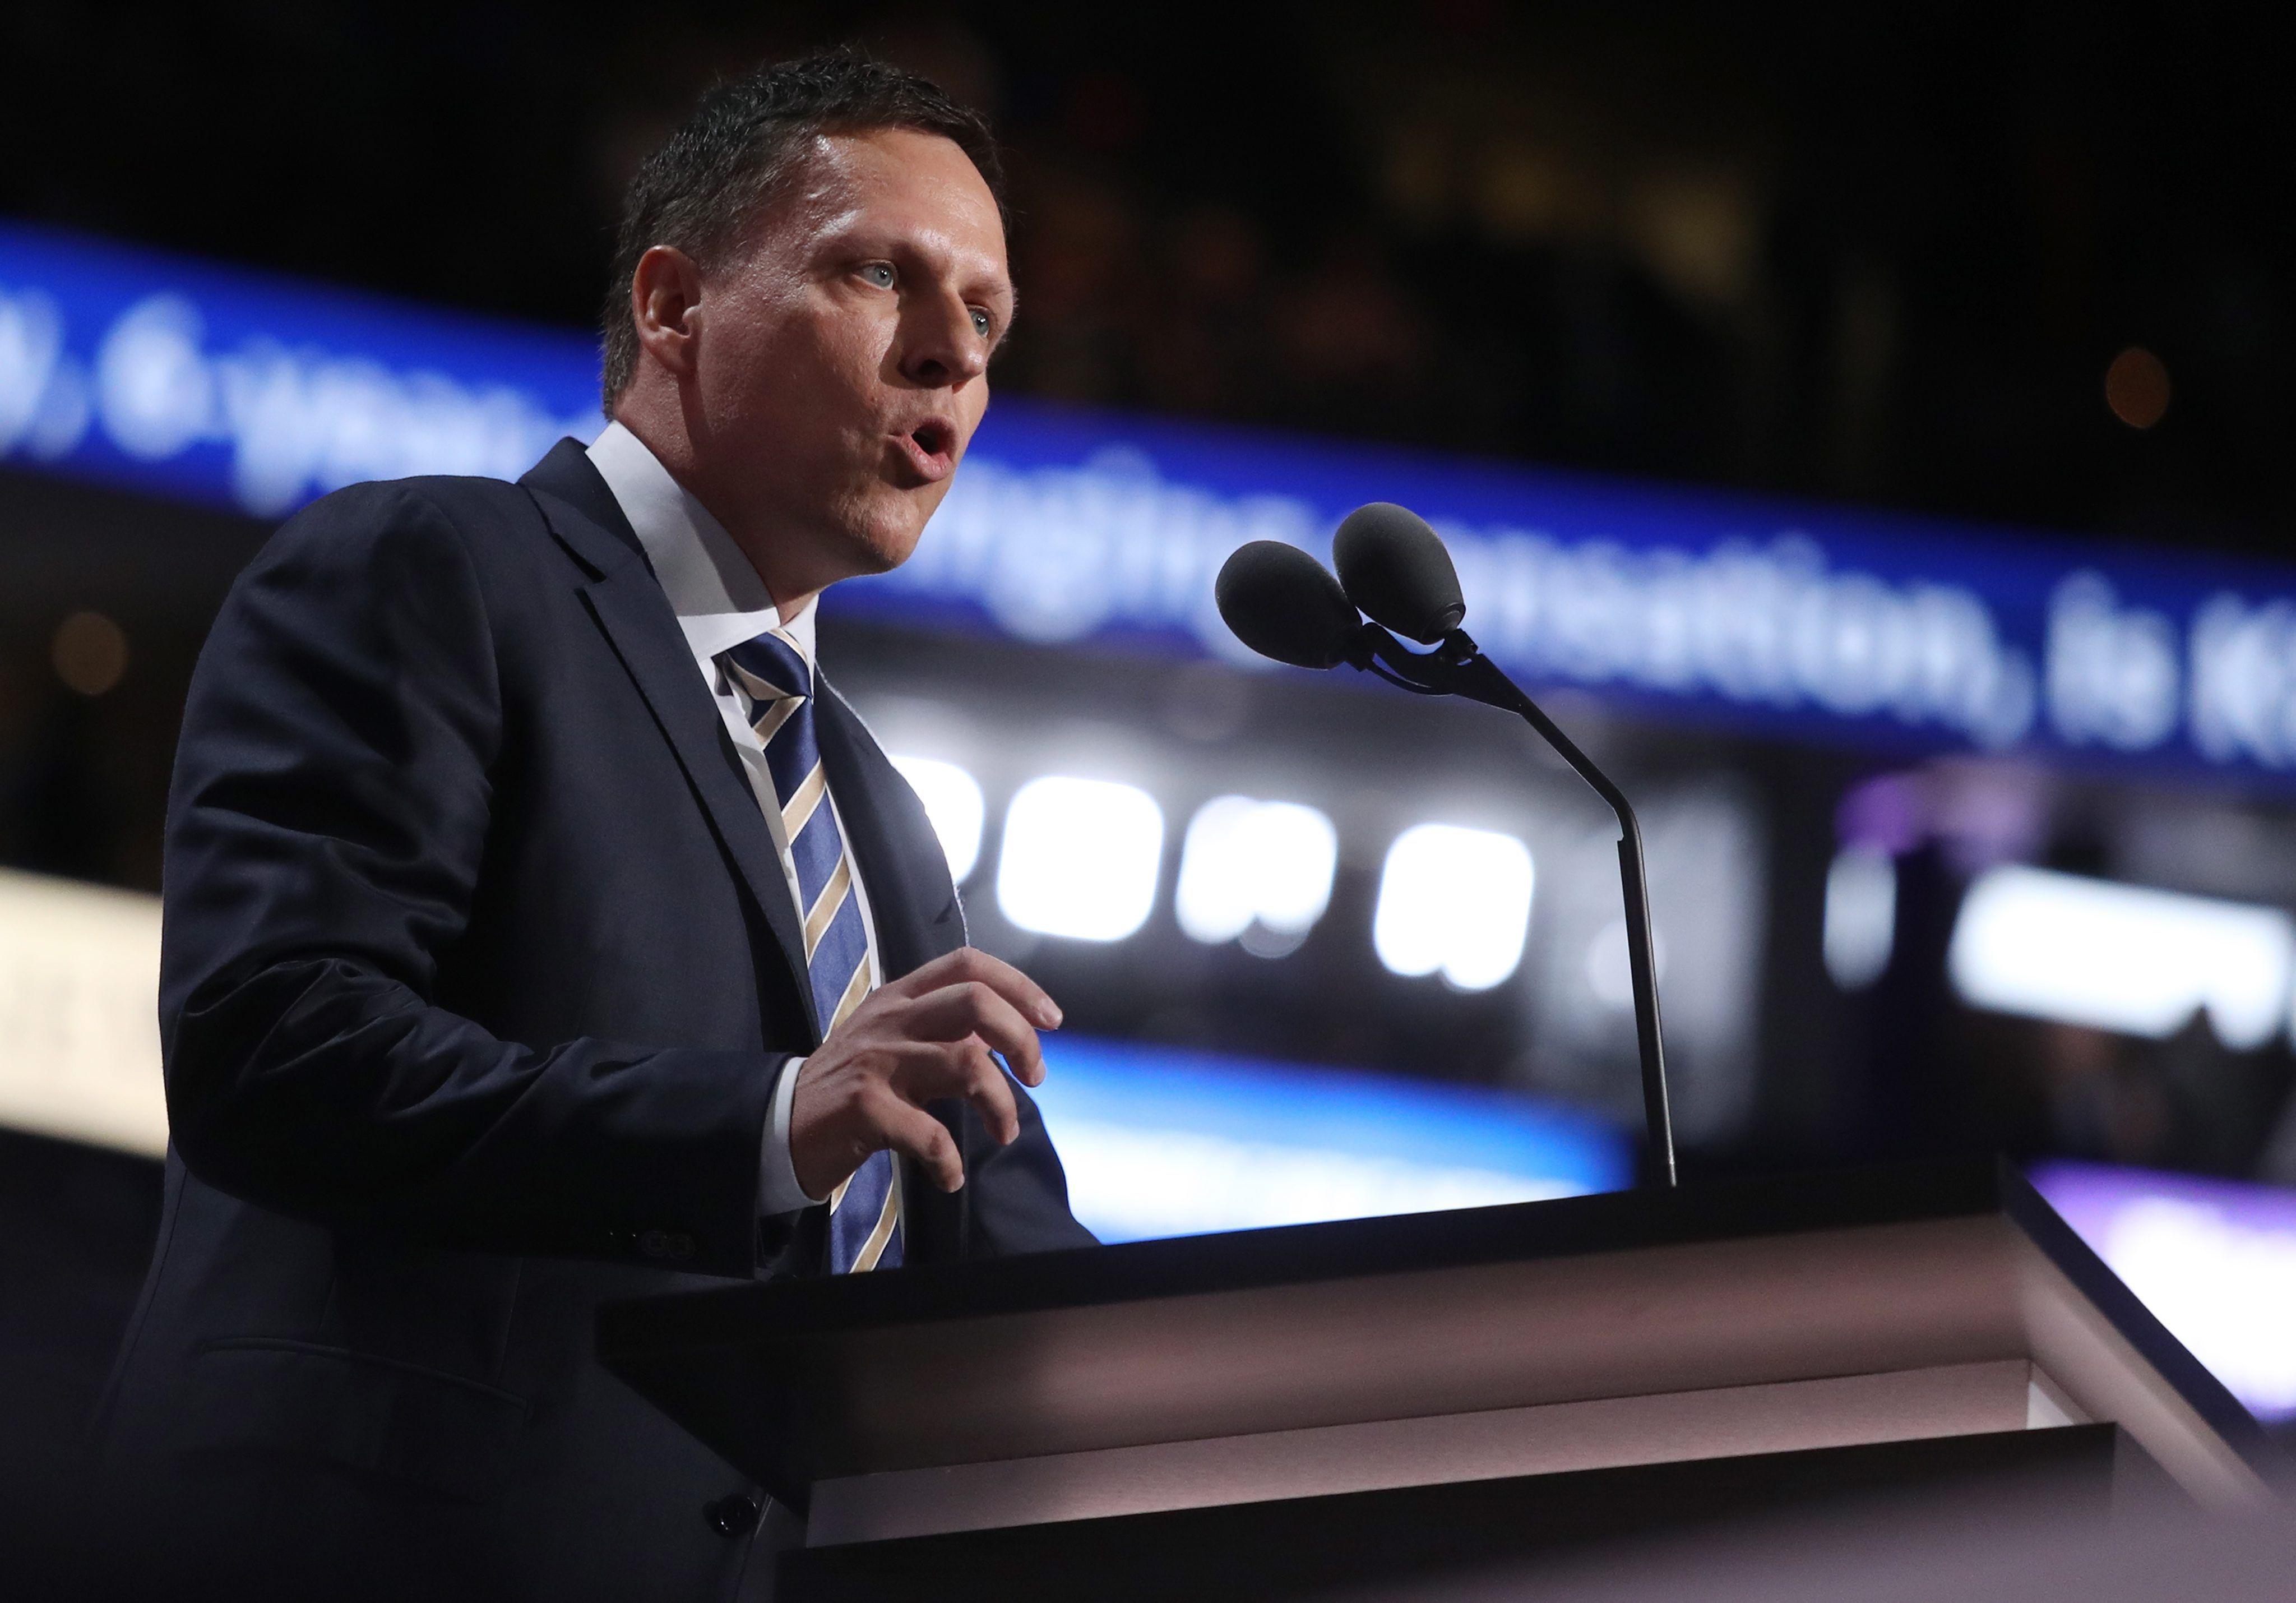 El multimillonario inversor Peter Thiel, otro de los que está en esta carrera